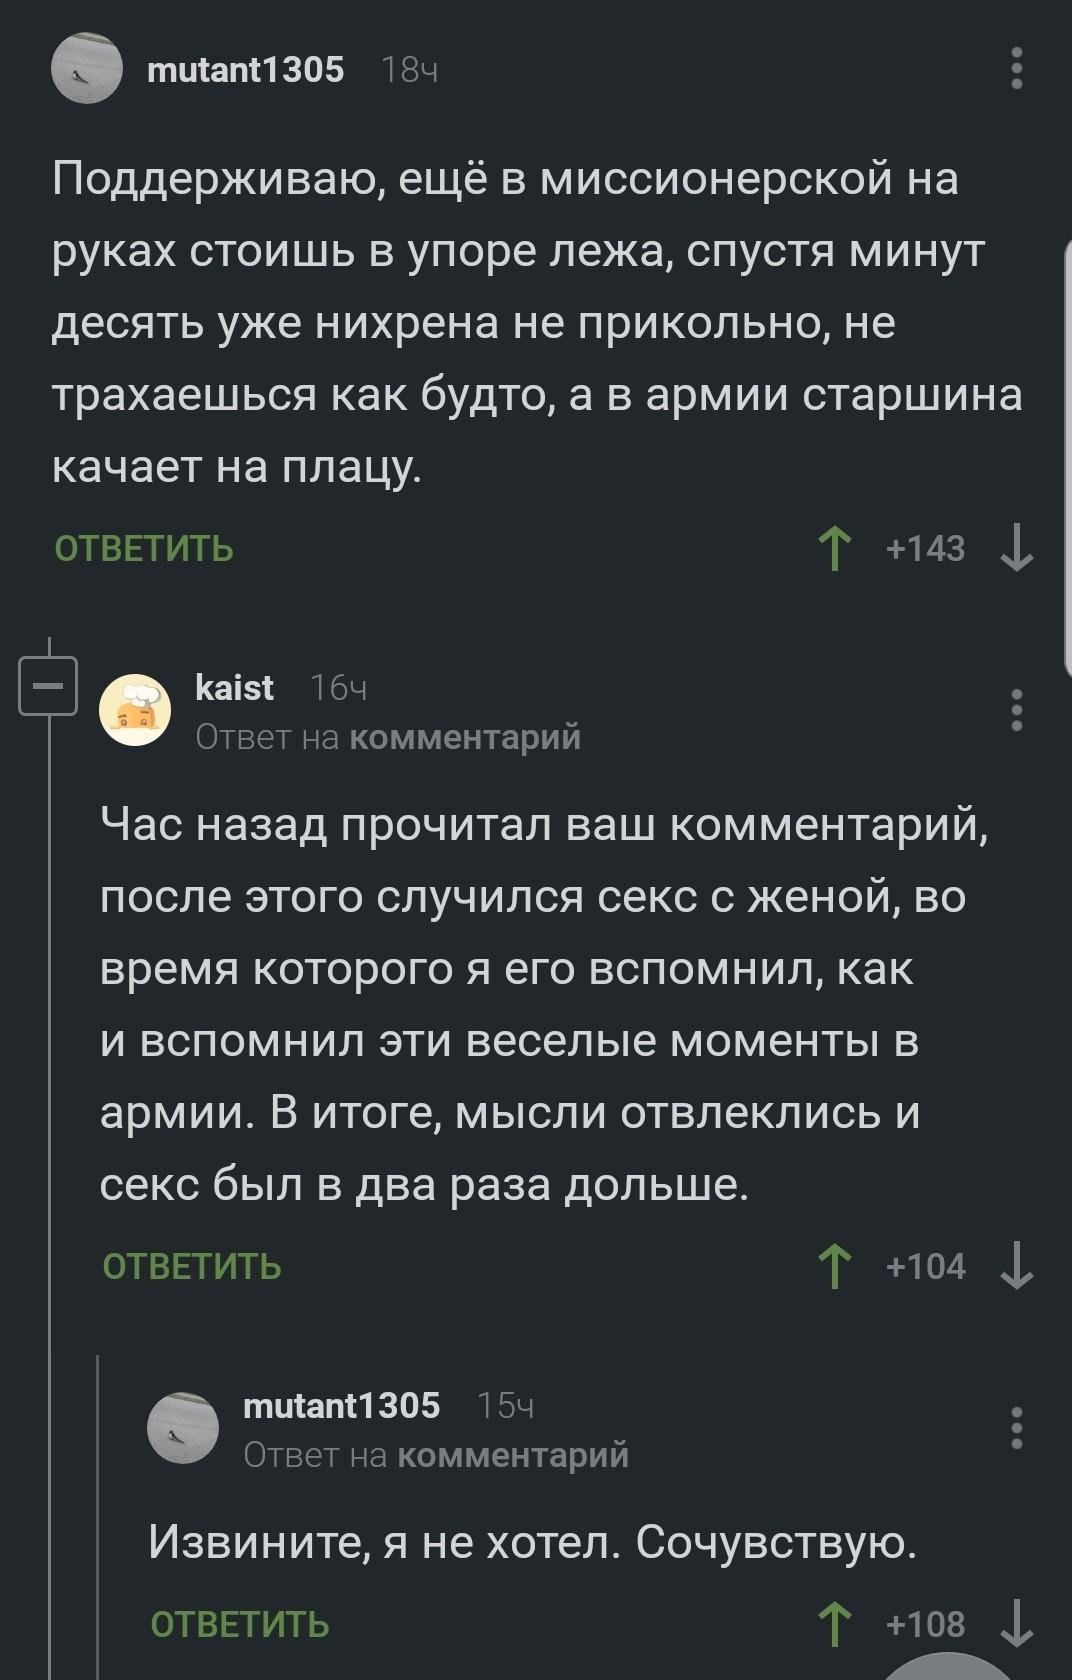 думаю, смотреть фильмы онлайн порно рунетки Классная тема, пишите